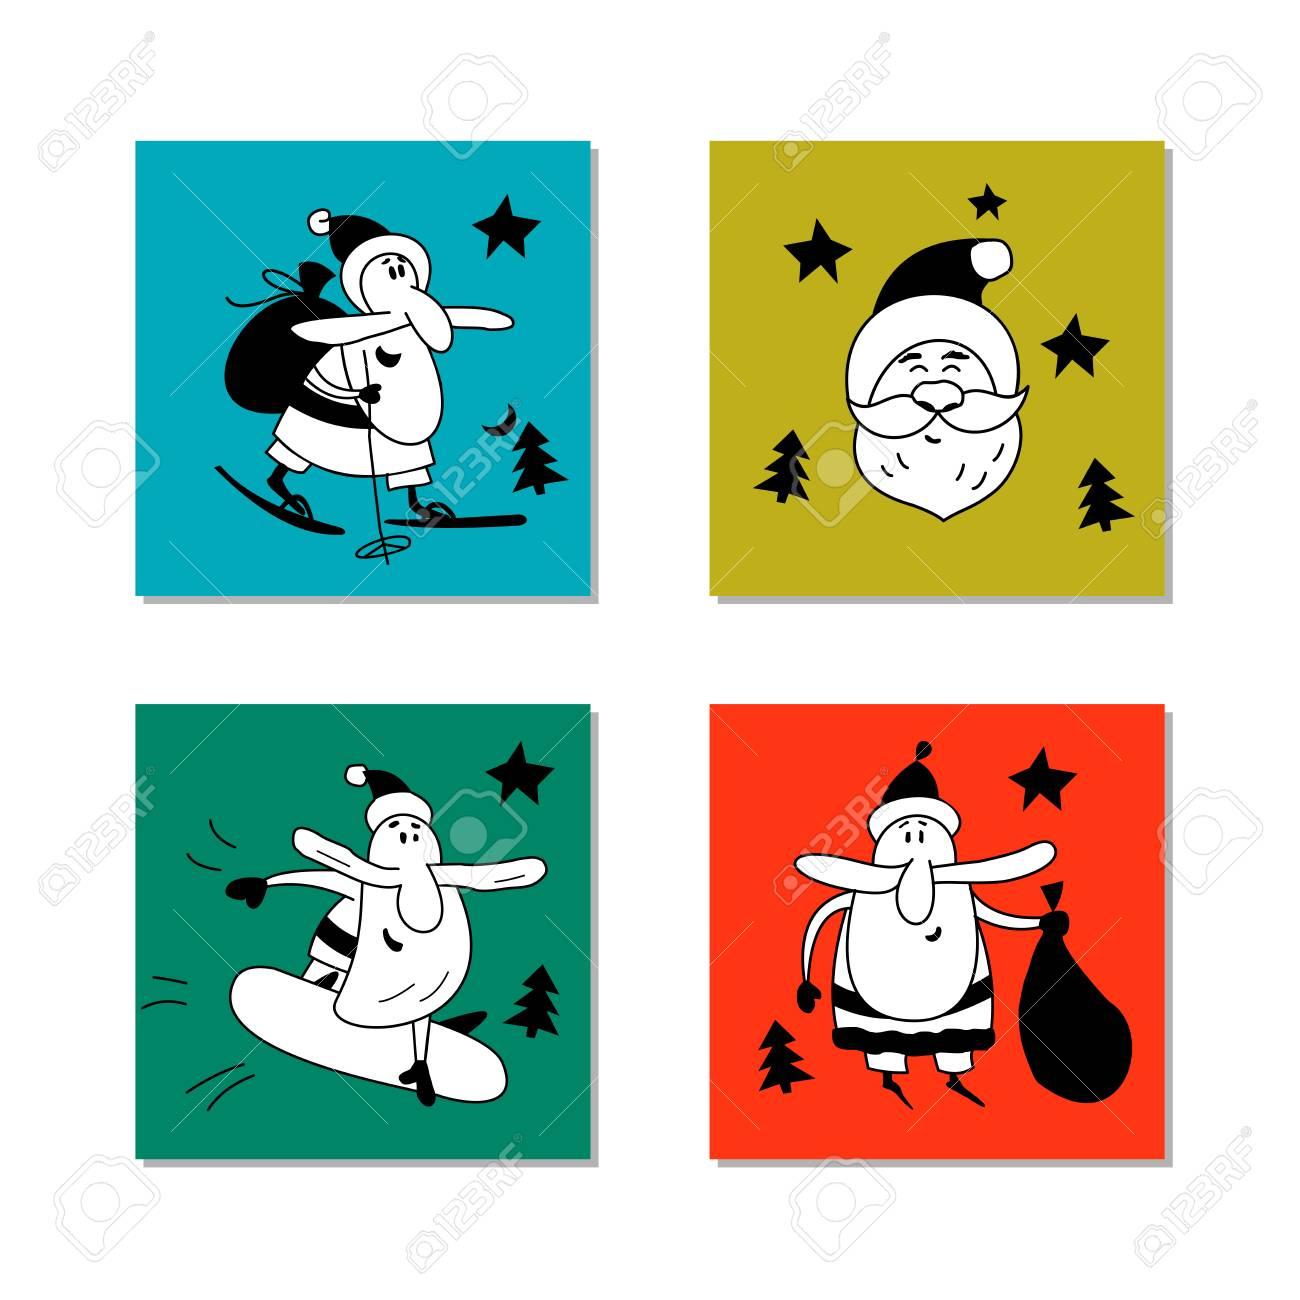 Set of vector Christmas clipart. Jolly Santa Claus hand drawn.